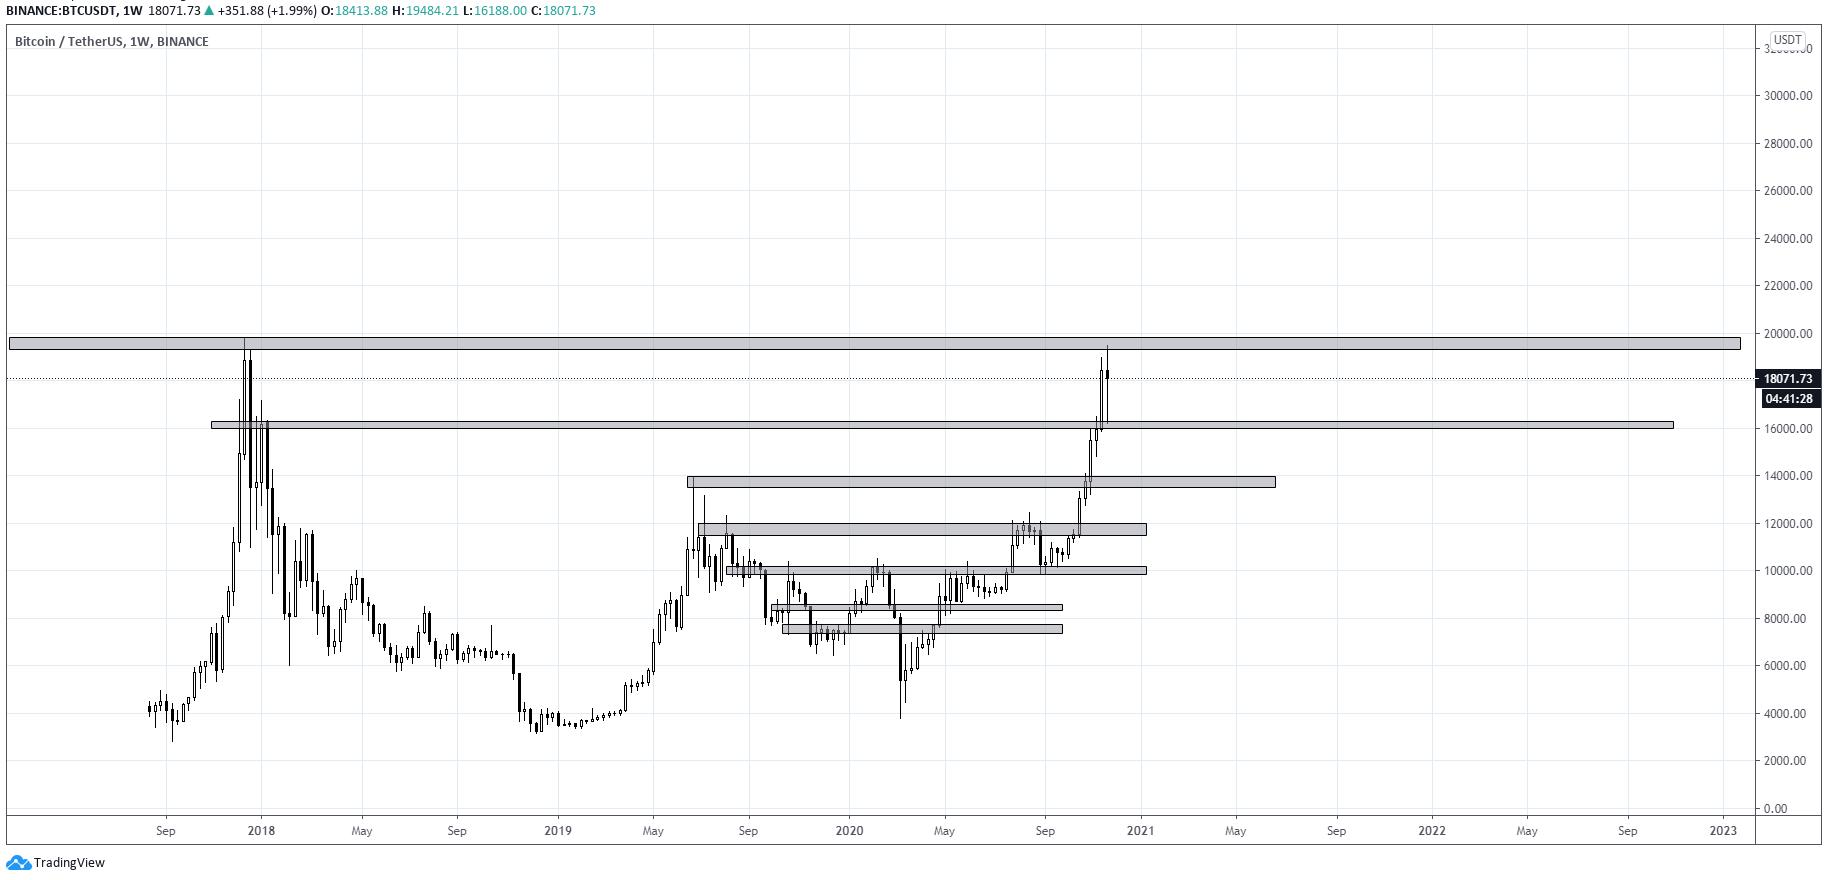 Bitkoin - Tether nedeljni grafikon. Izvor Trading View